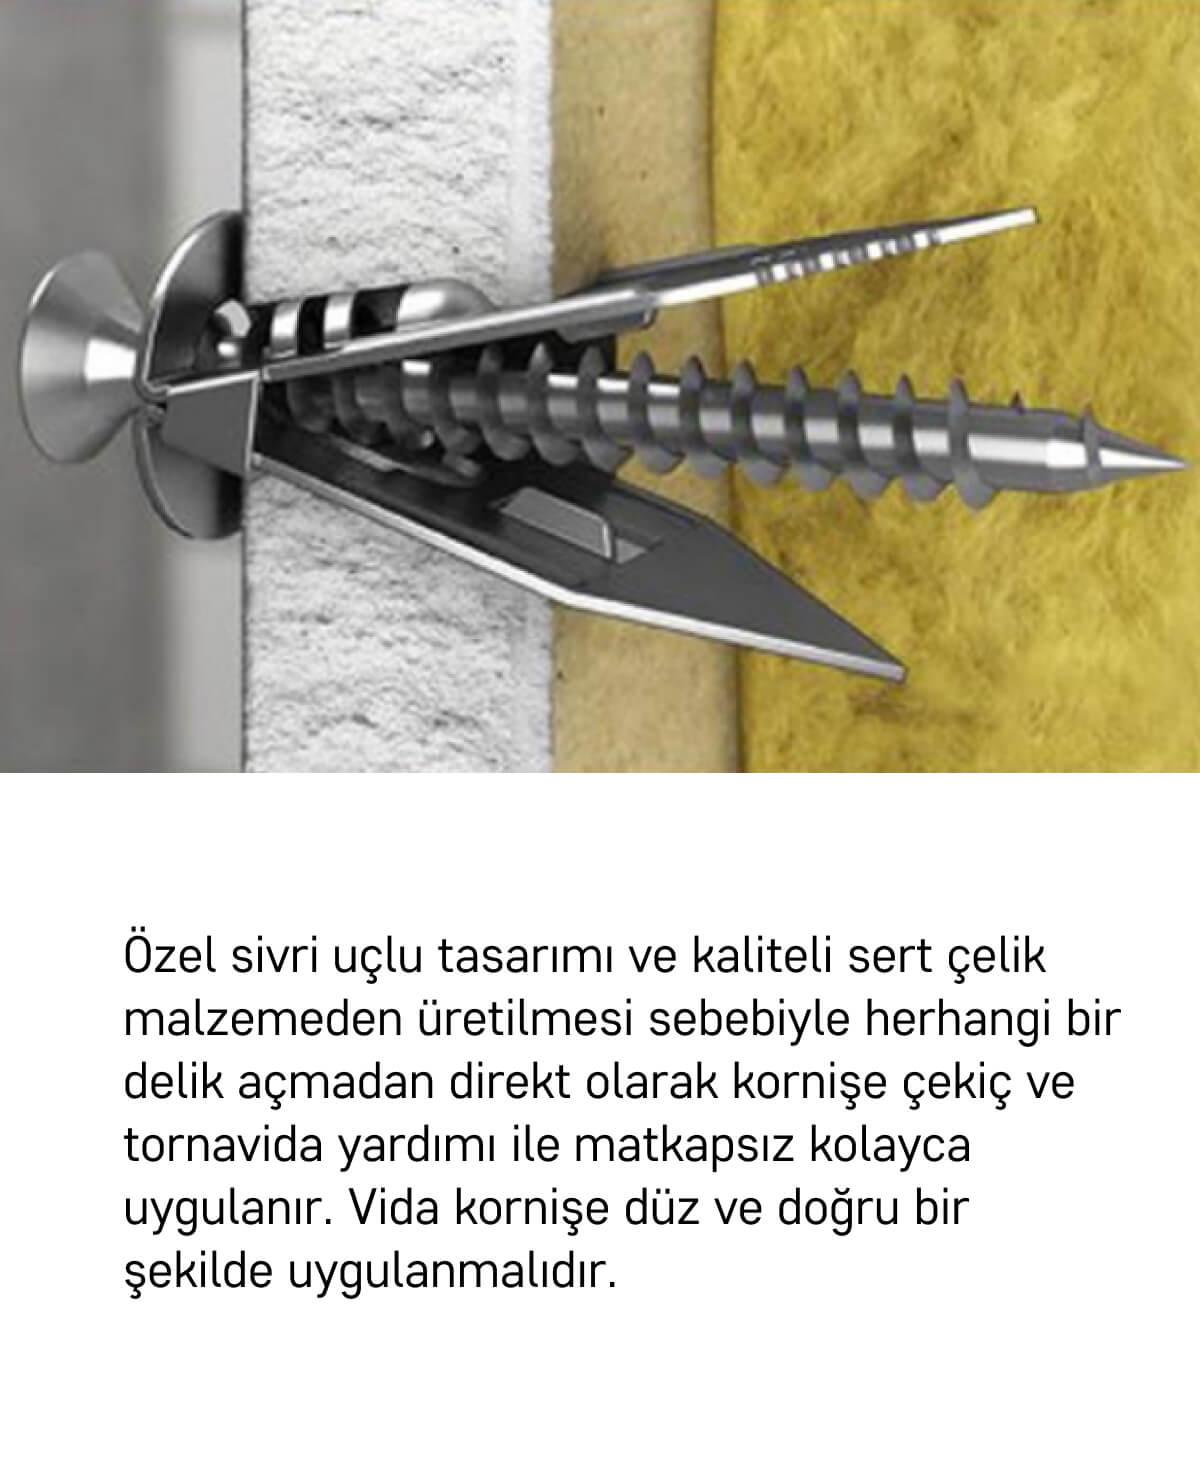 Slimflex korniş montaj seti alçıpan yüzeyler 2